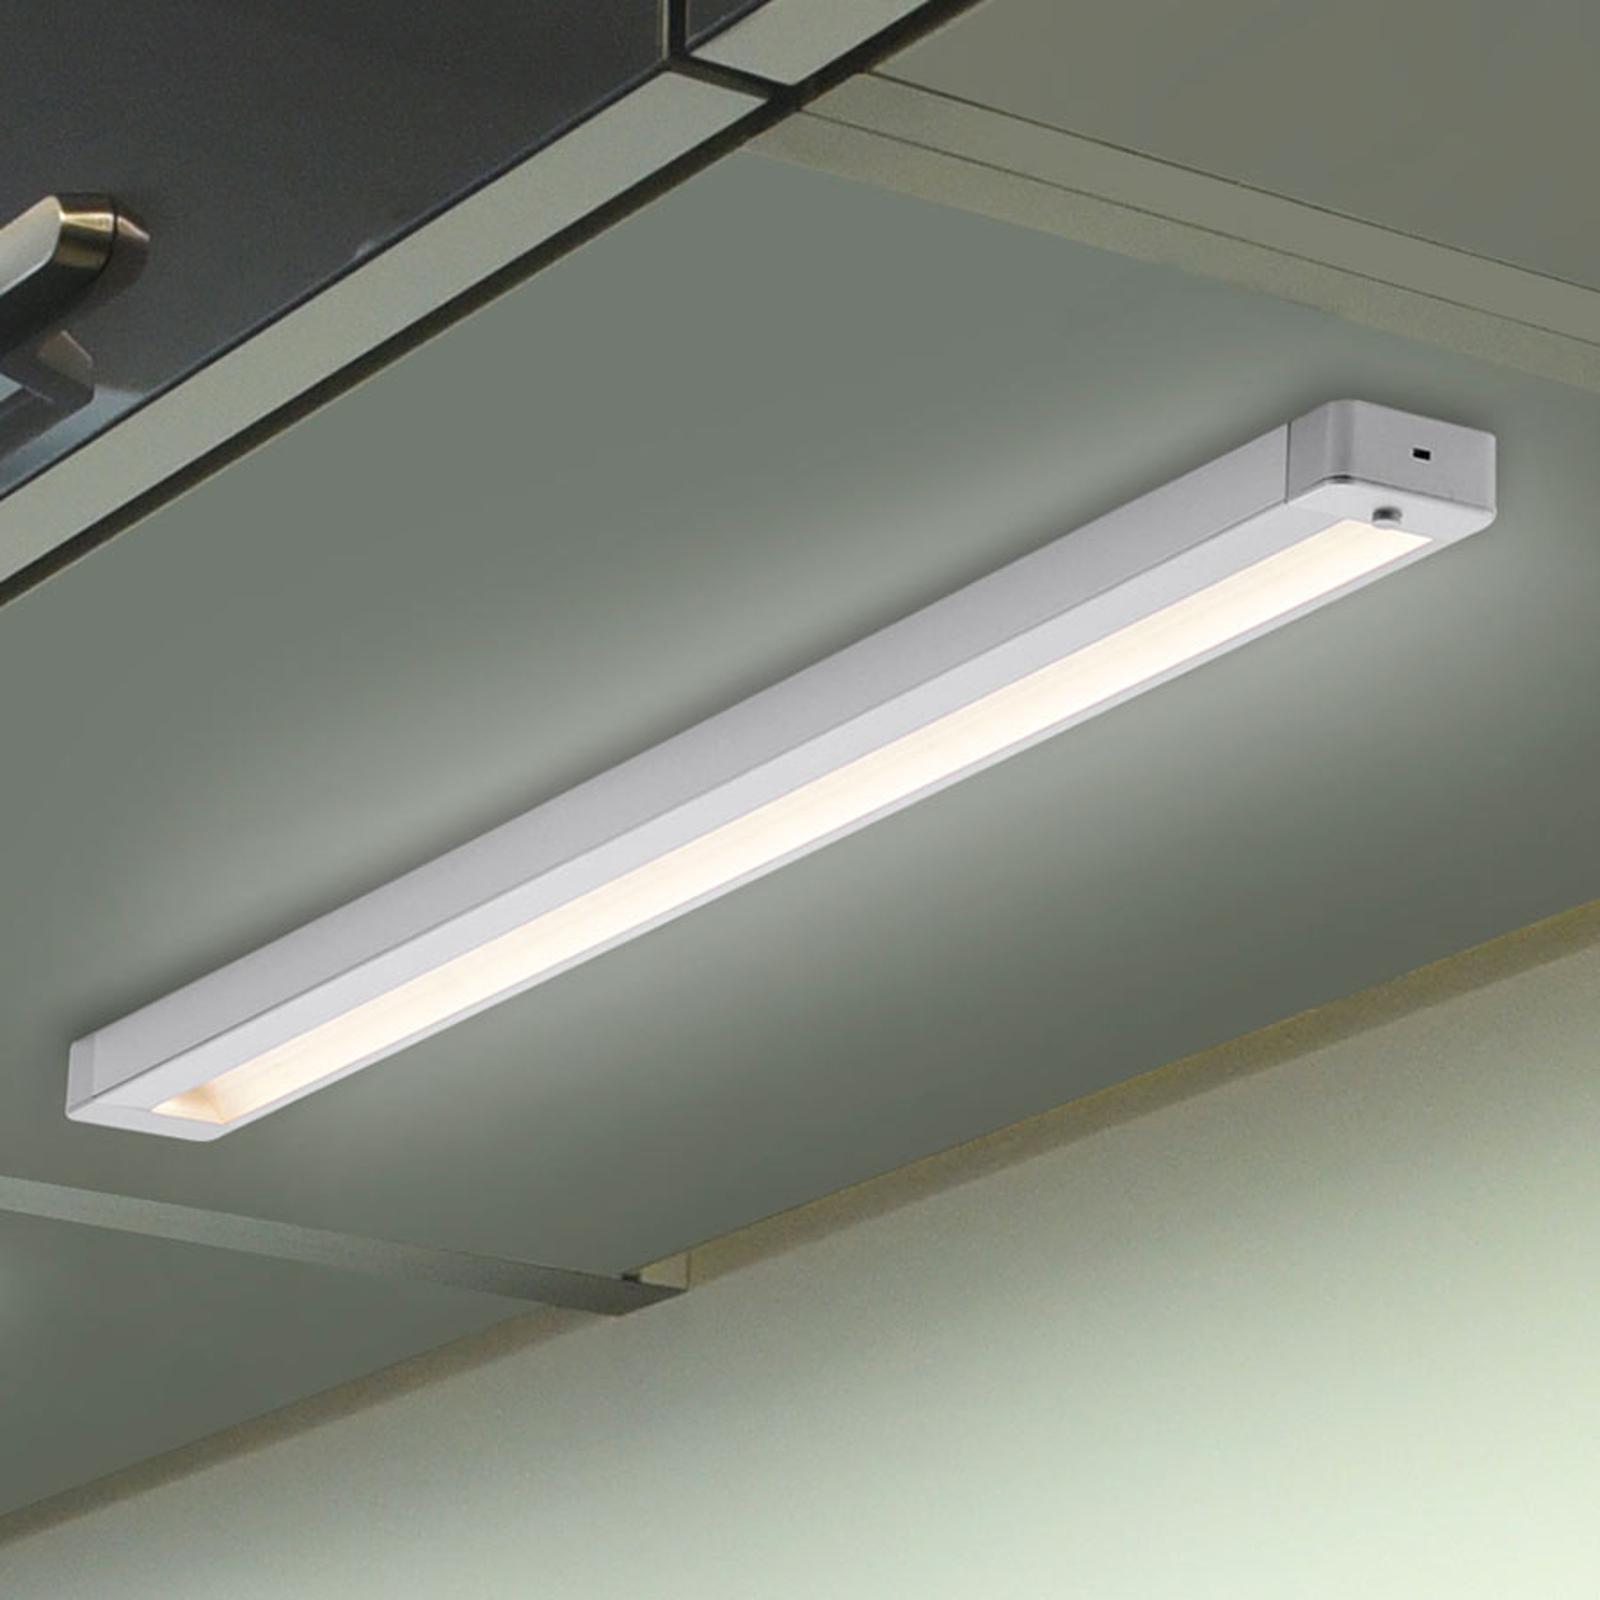 Lampe LED sous meuble de 59,5 cm de longueur